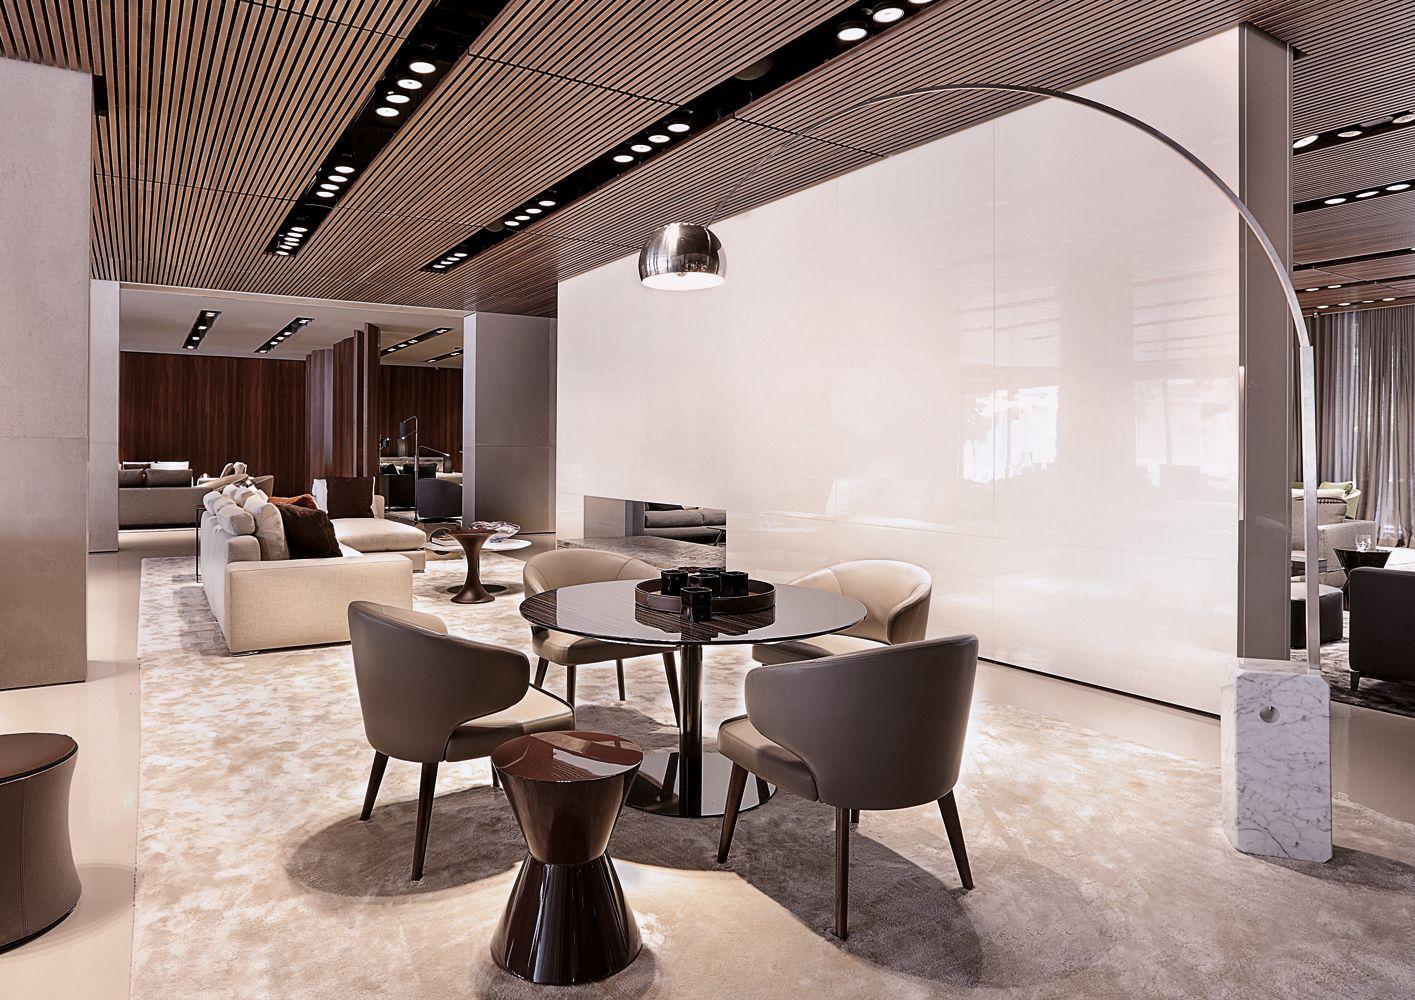 Miami flagship store #minotti #miami #flagship #store arhitektura